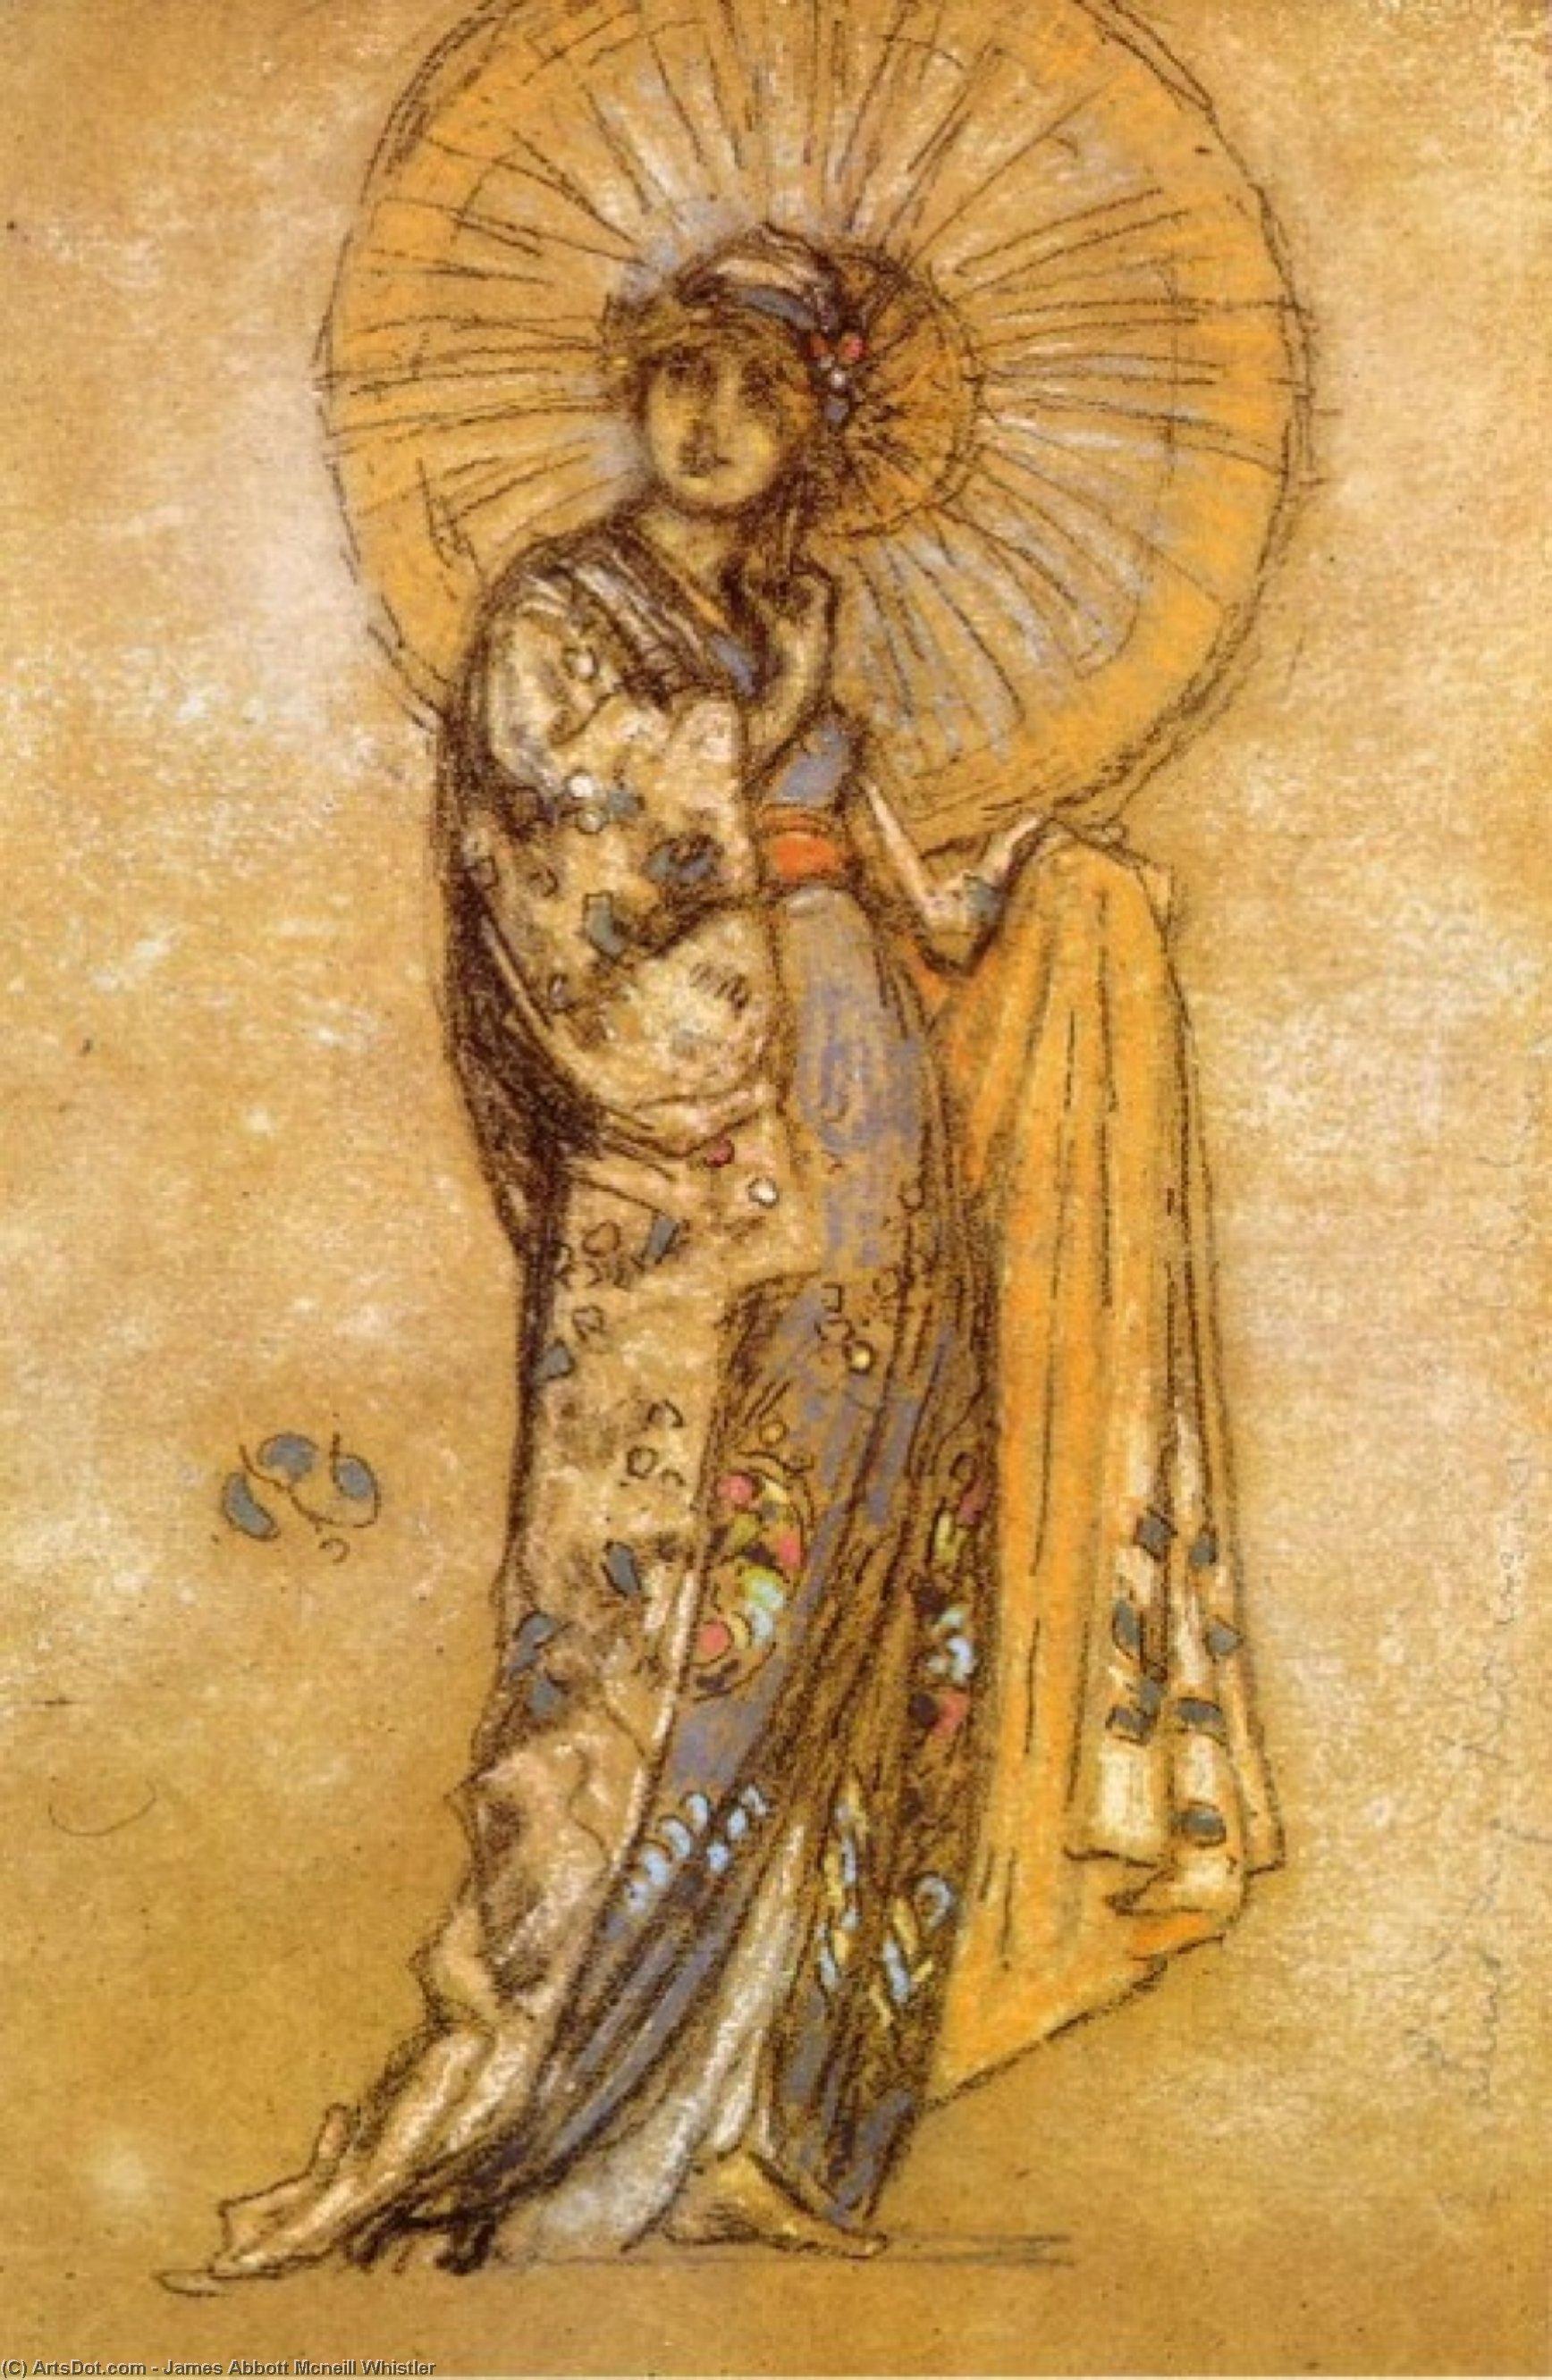 WikiOO.org - Энциклопедия изобразительного искусства - Живопись, Картины  James Abbott Mcneill Whistler - Японский платье